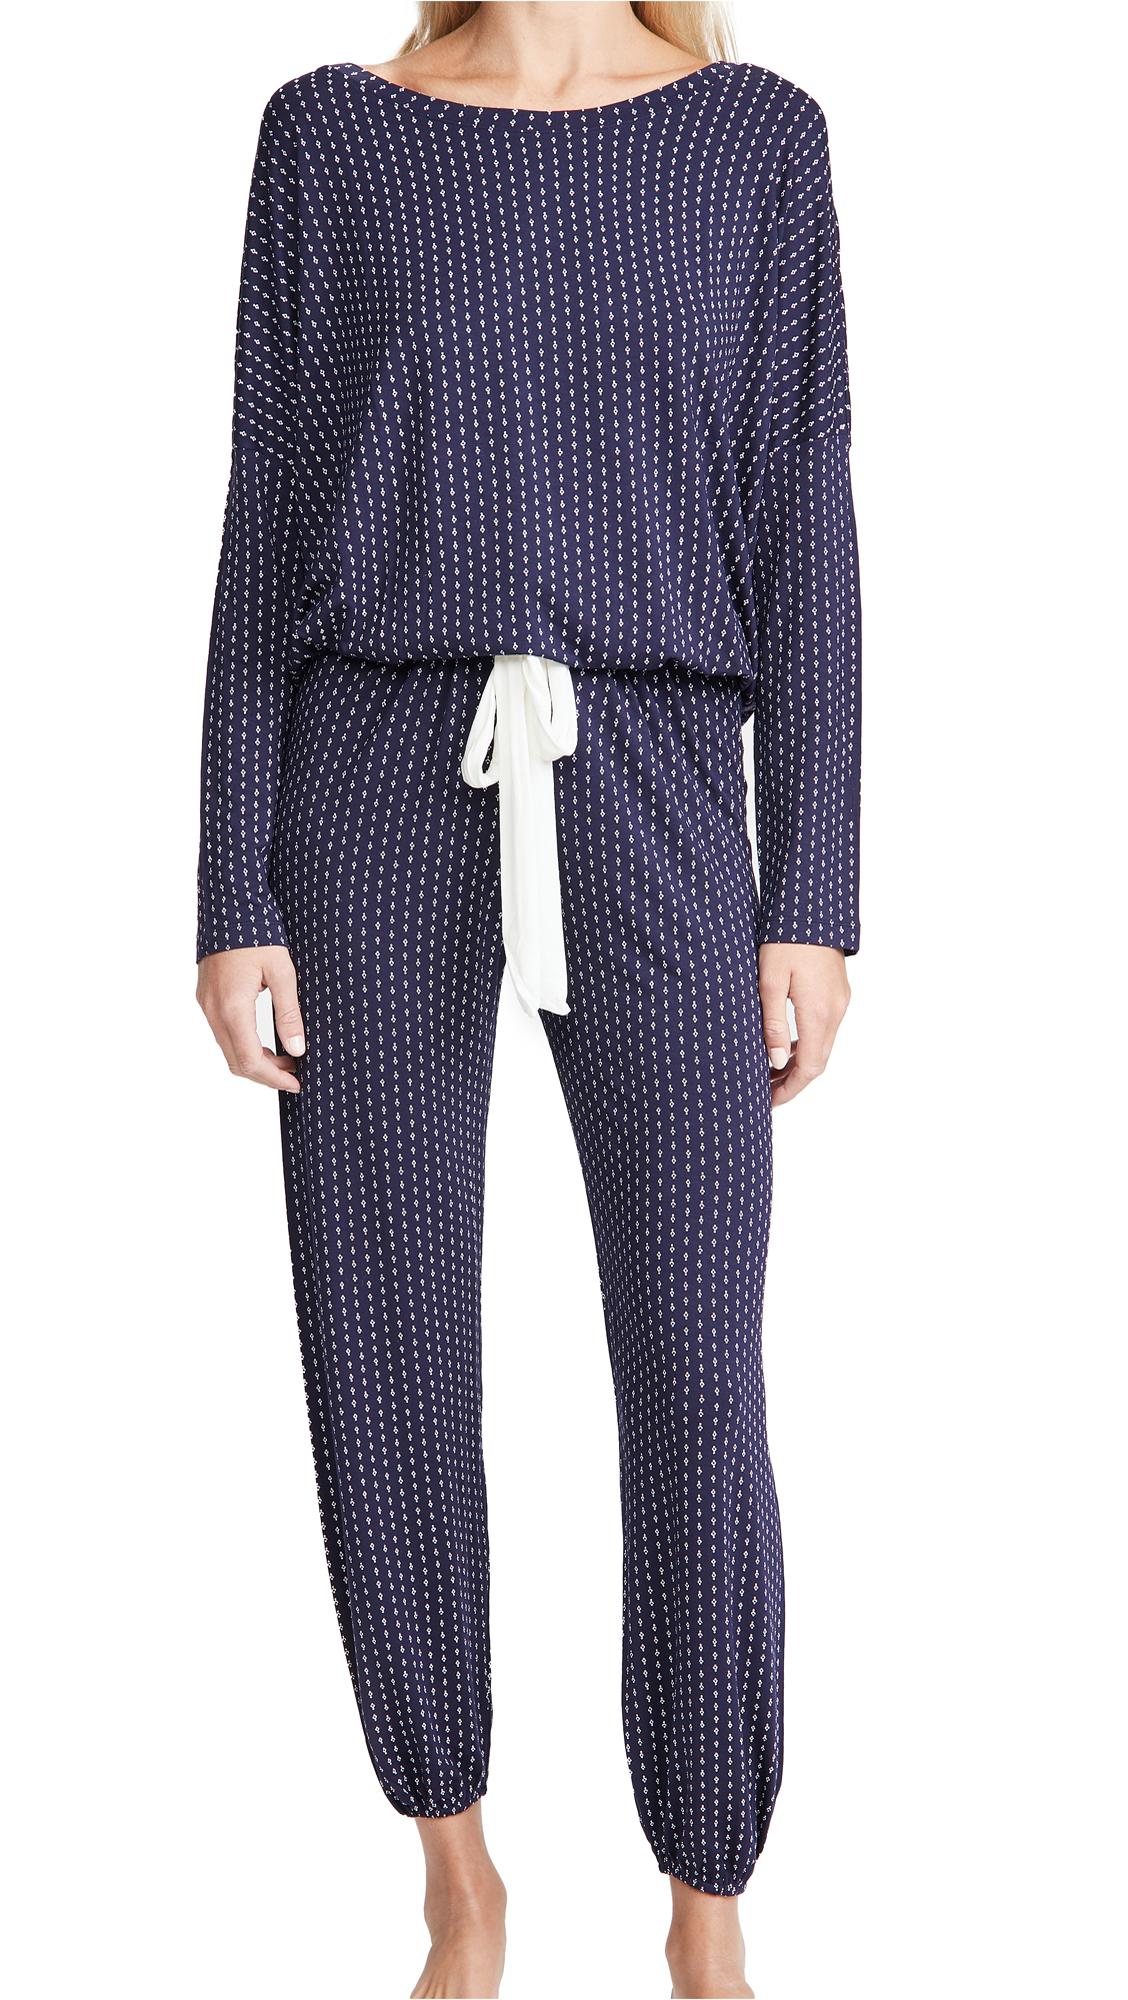 Eberjey Geo Spots Slouchy Pajama Set